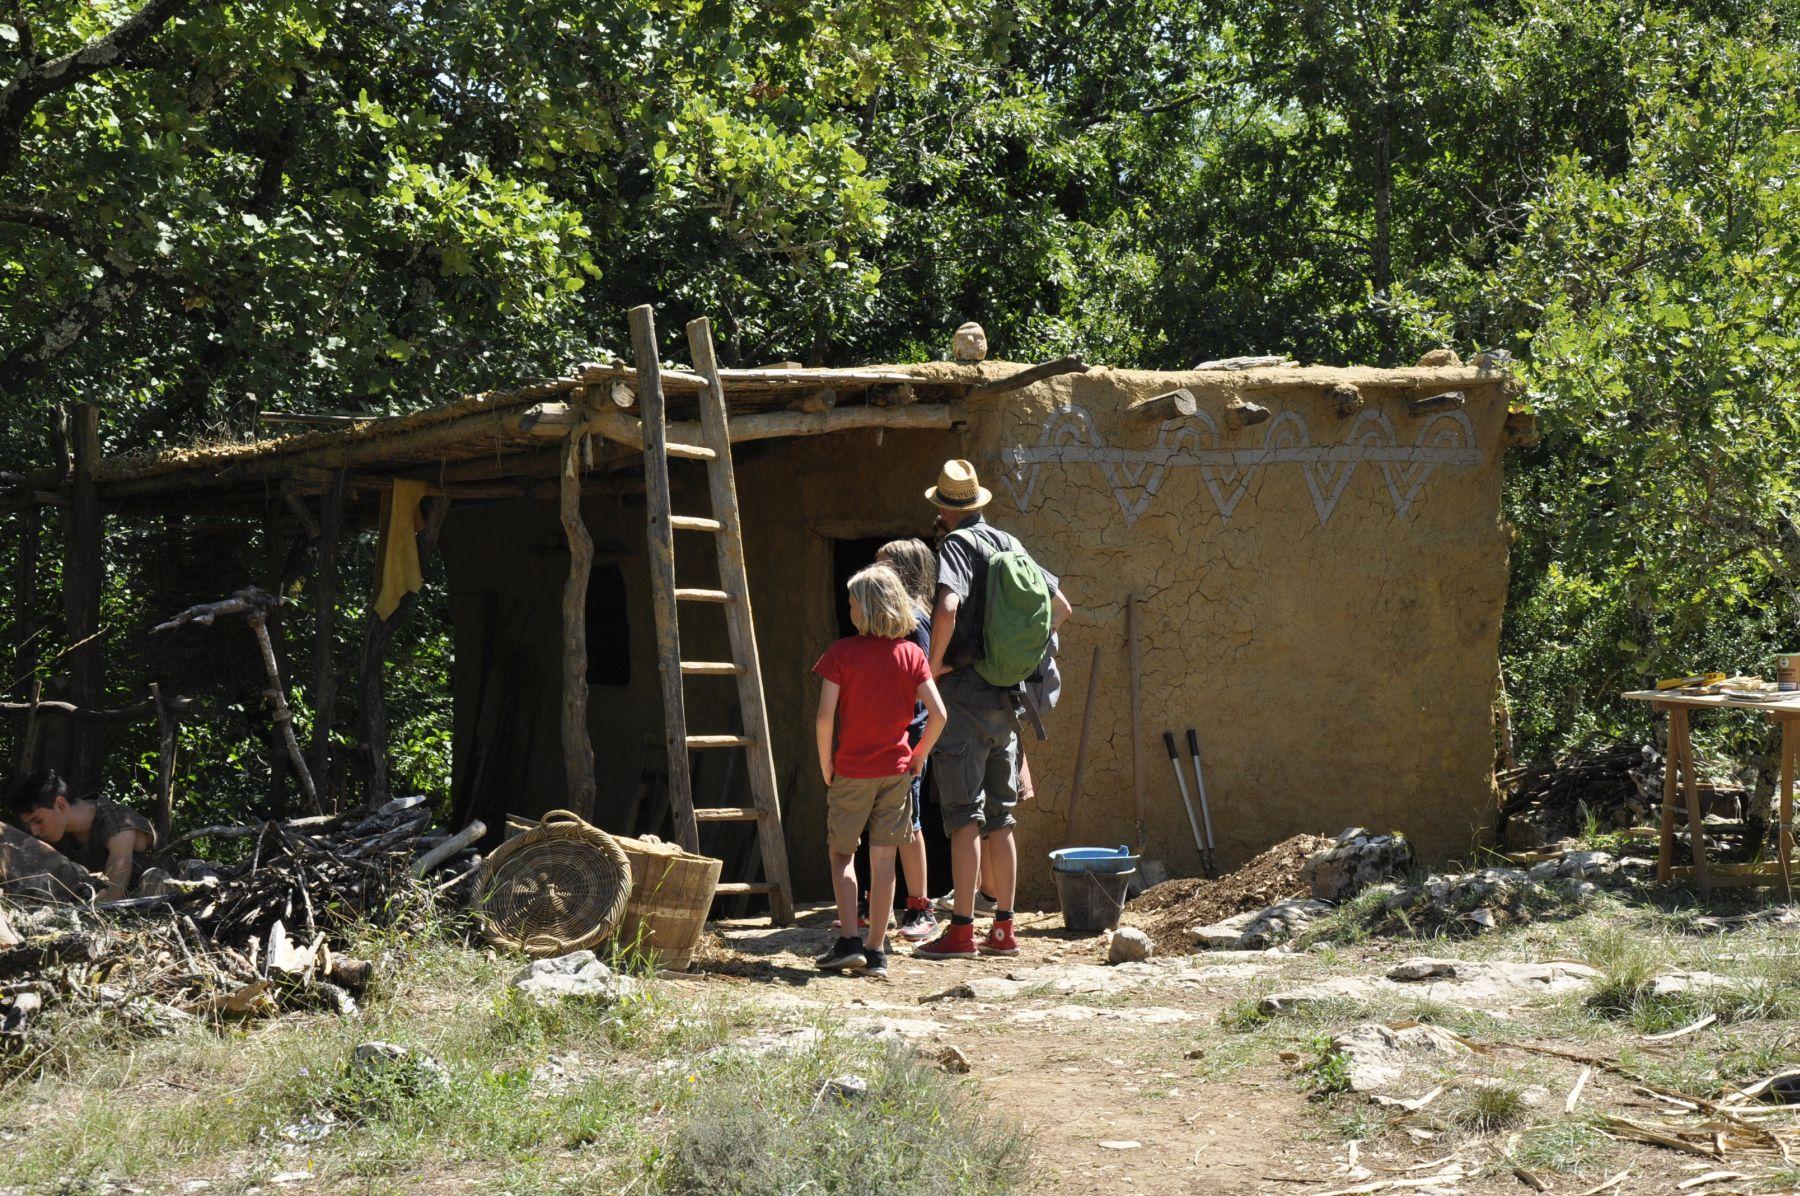 Randa Ardesca Archéosite d'Ardèche - Visiteurs devant une maison gauloise